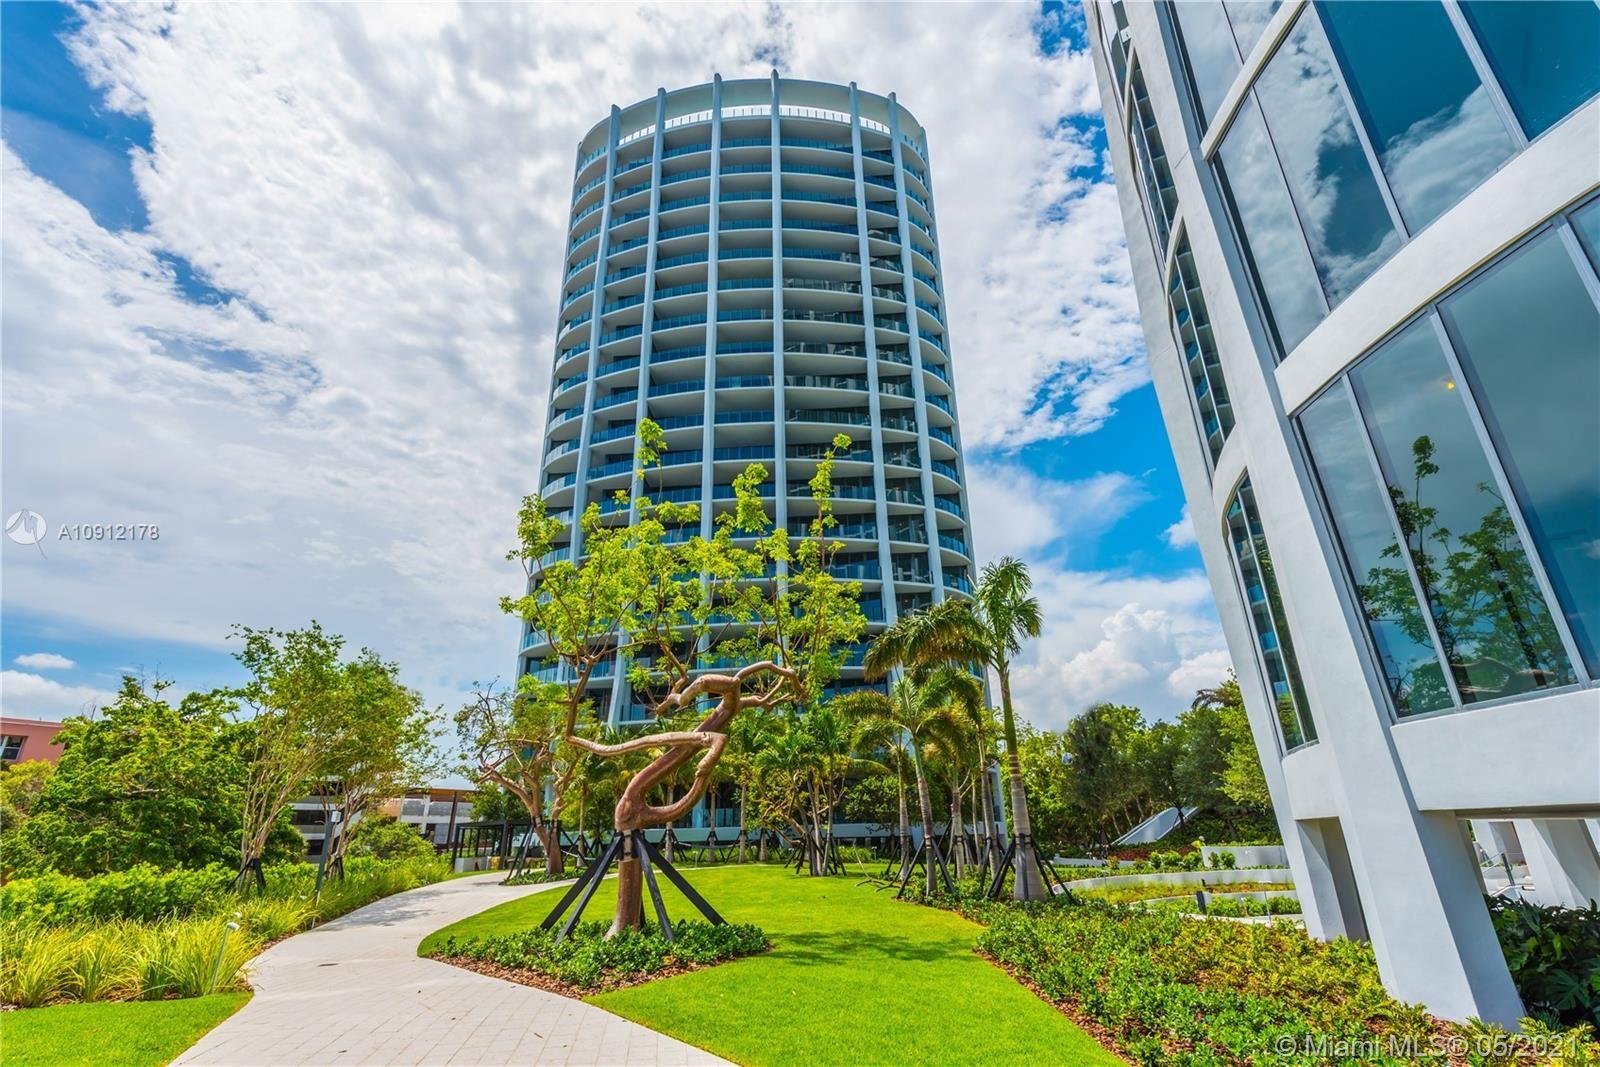 2831 S Bayshore Dr #1405, Miami, FL 33133 - MLS#: A10912178